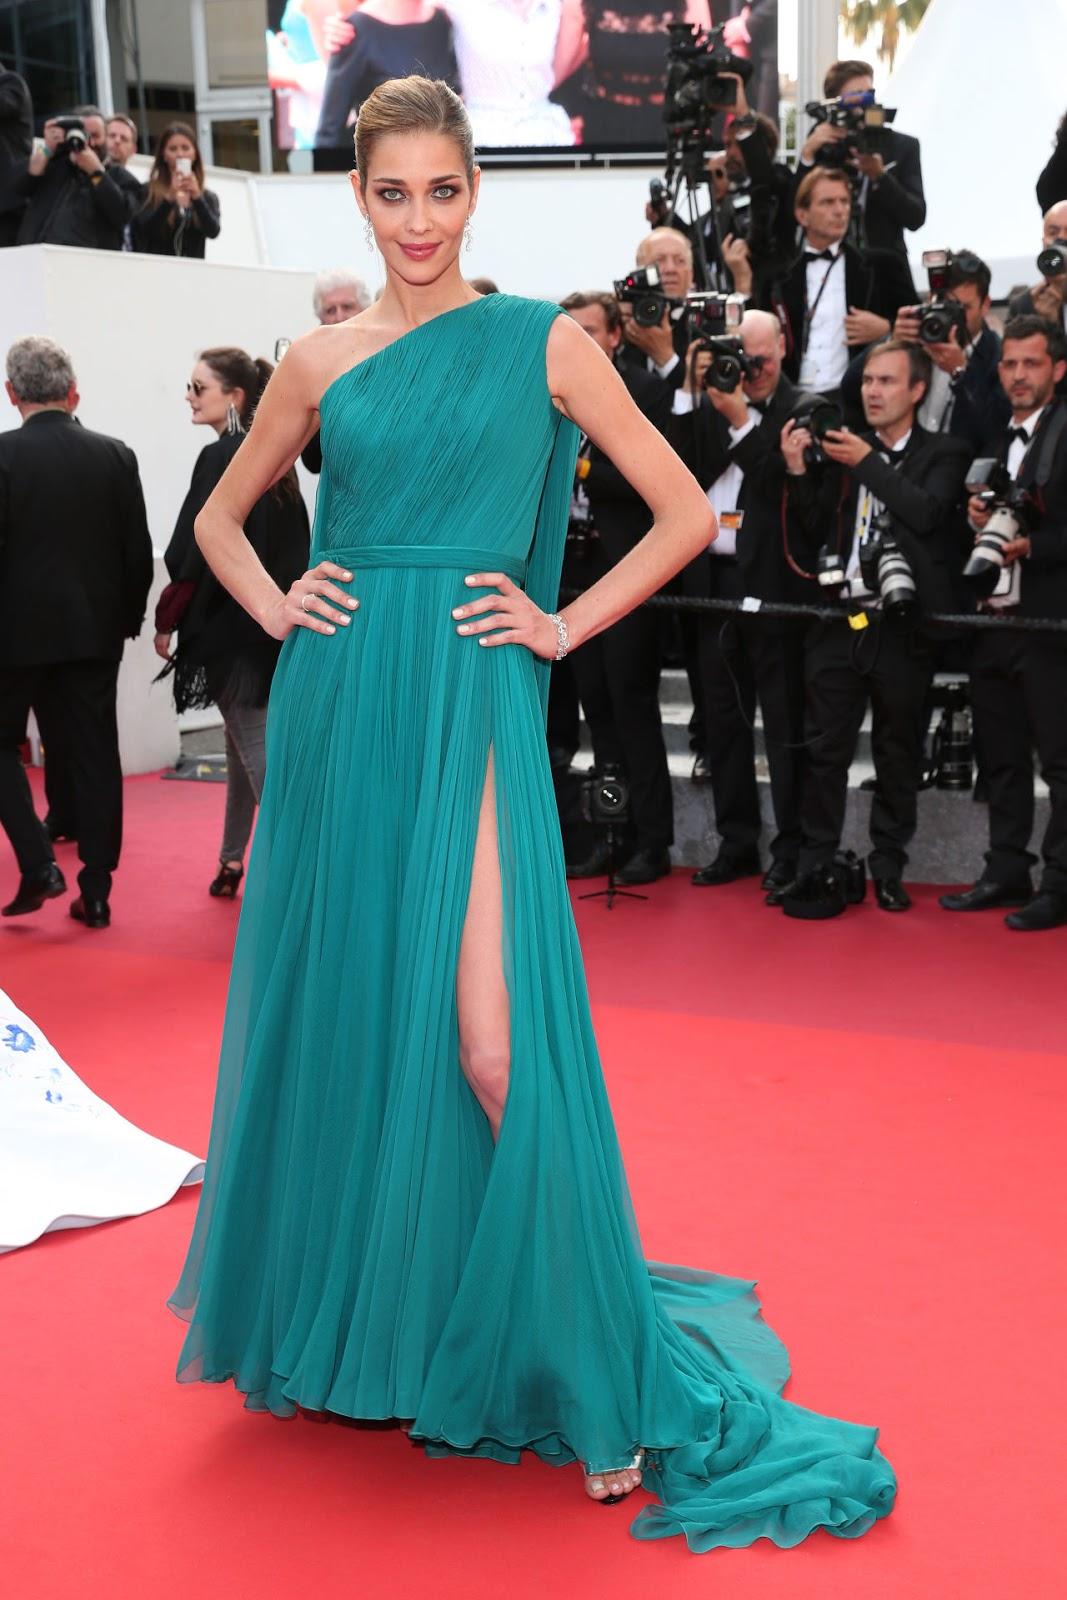 e70f75ec71e5 Red carpet Cannes 2016